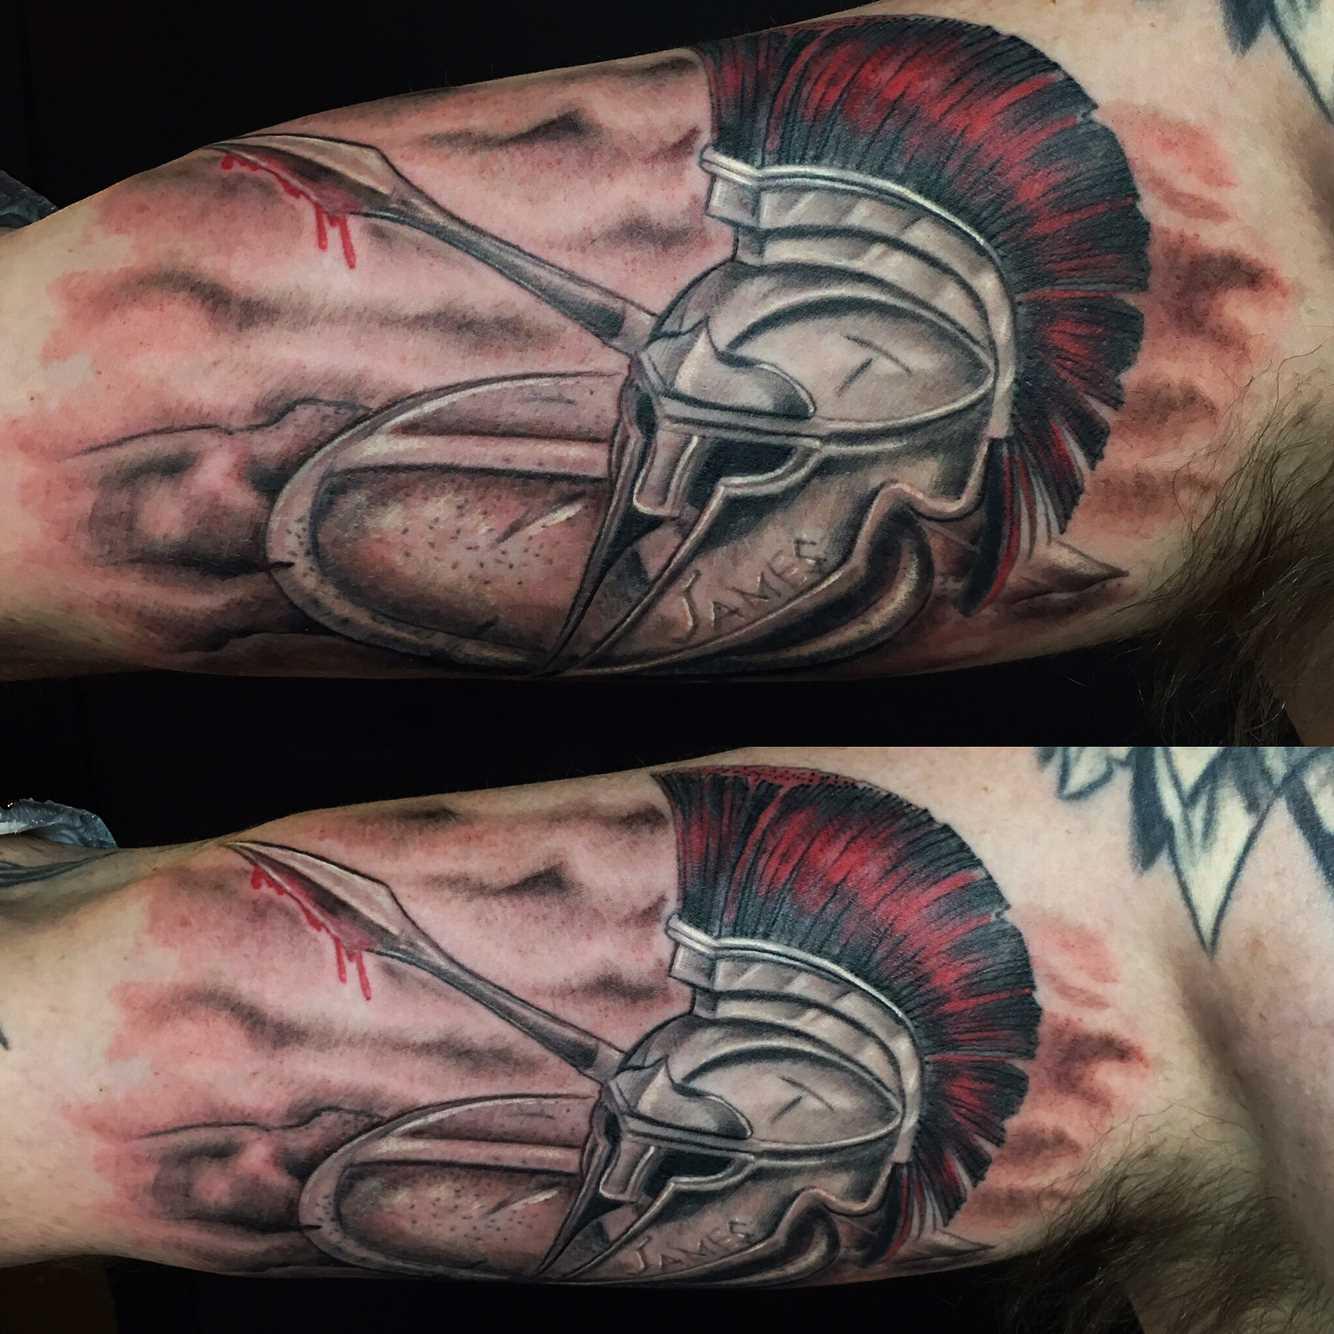 Tatuagem de um capacete espartano com um escudo na mão de homens